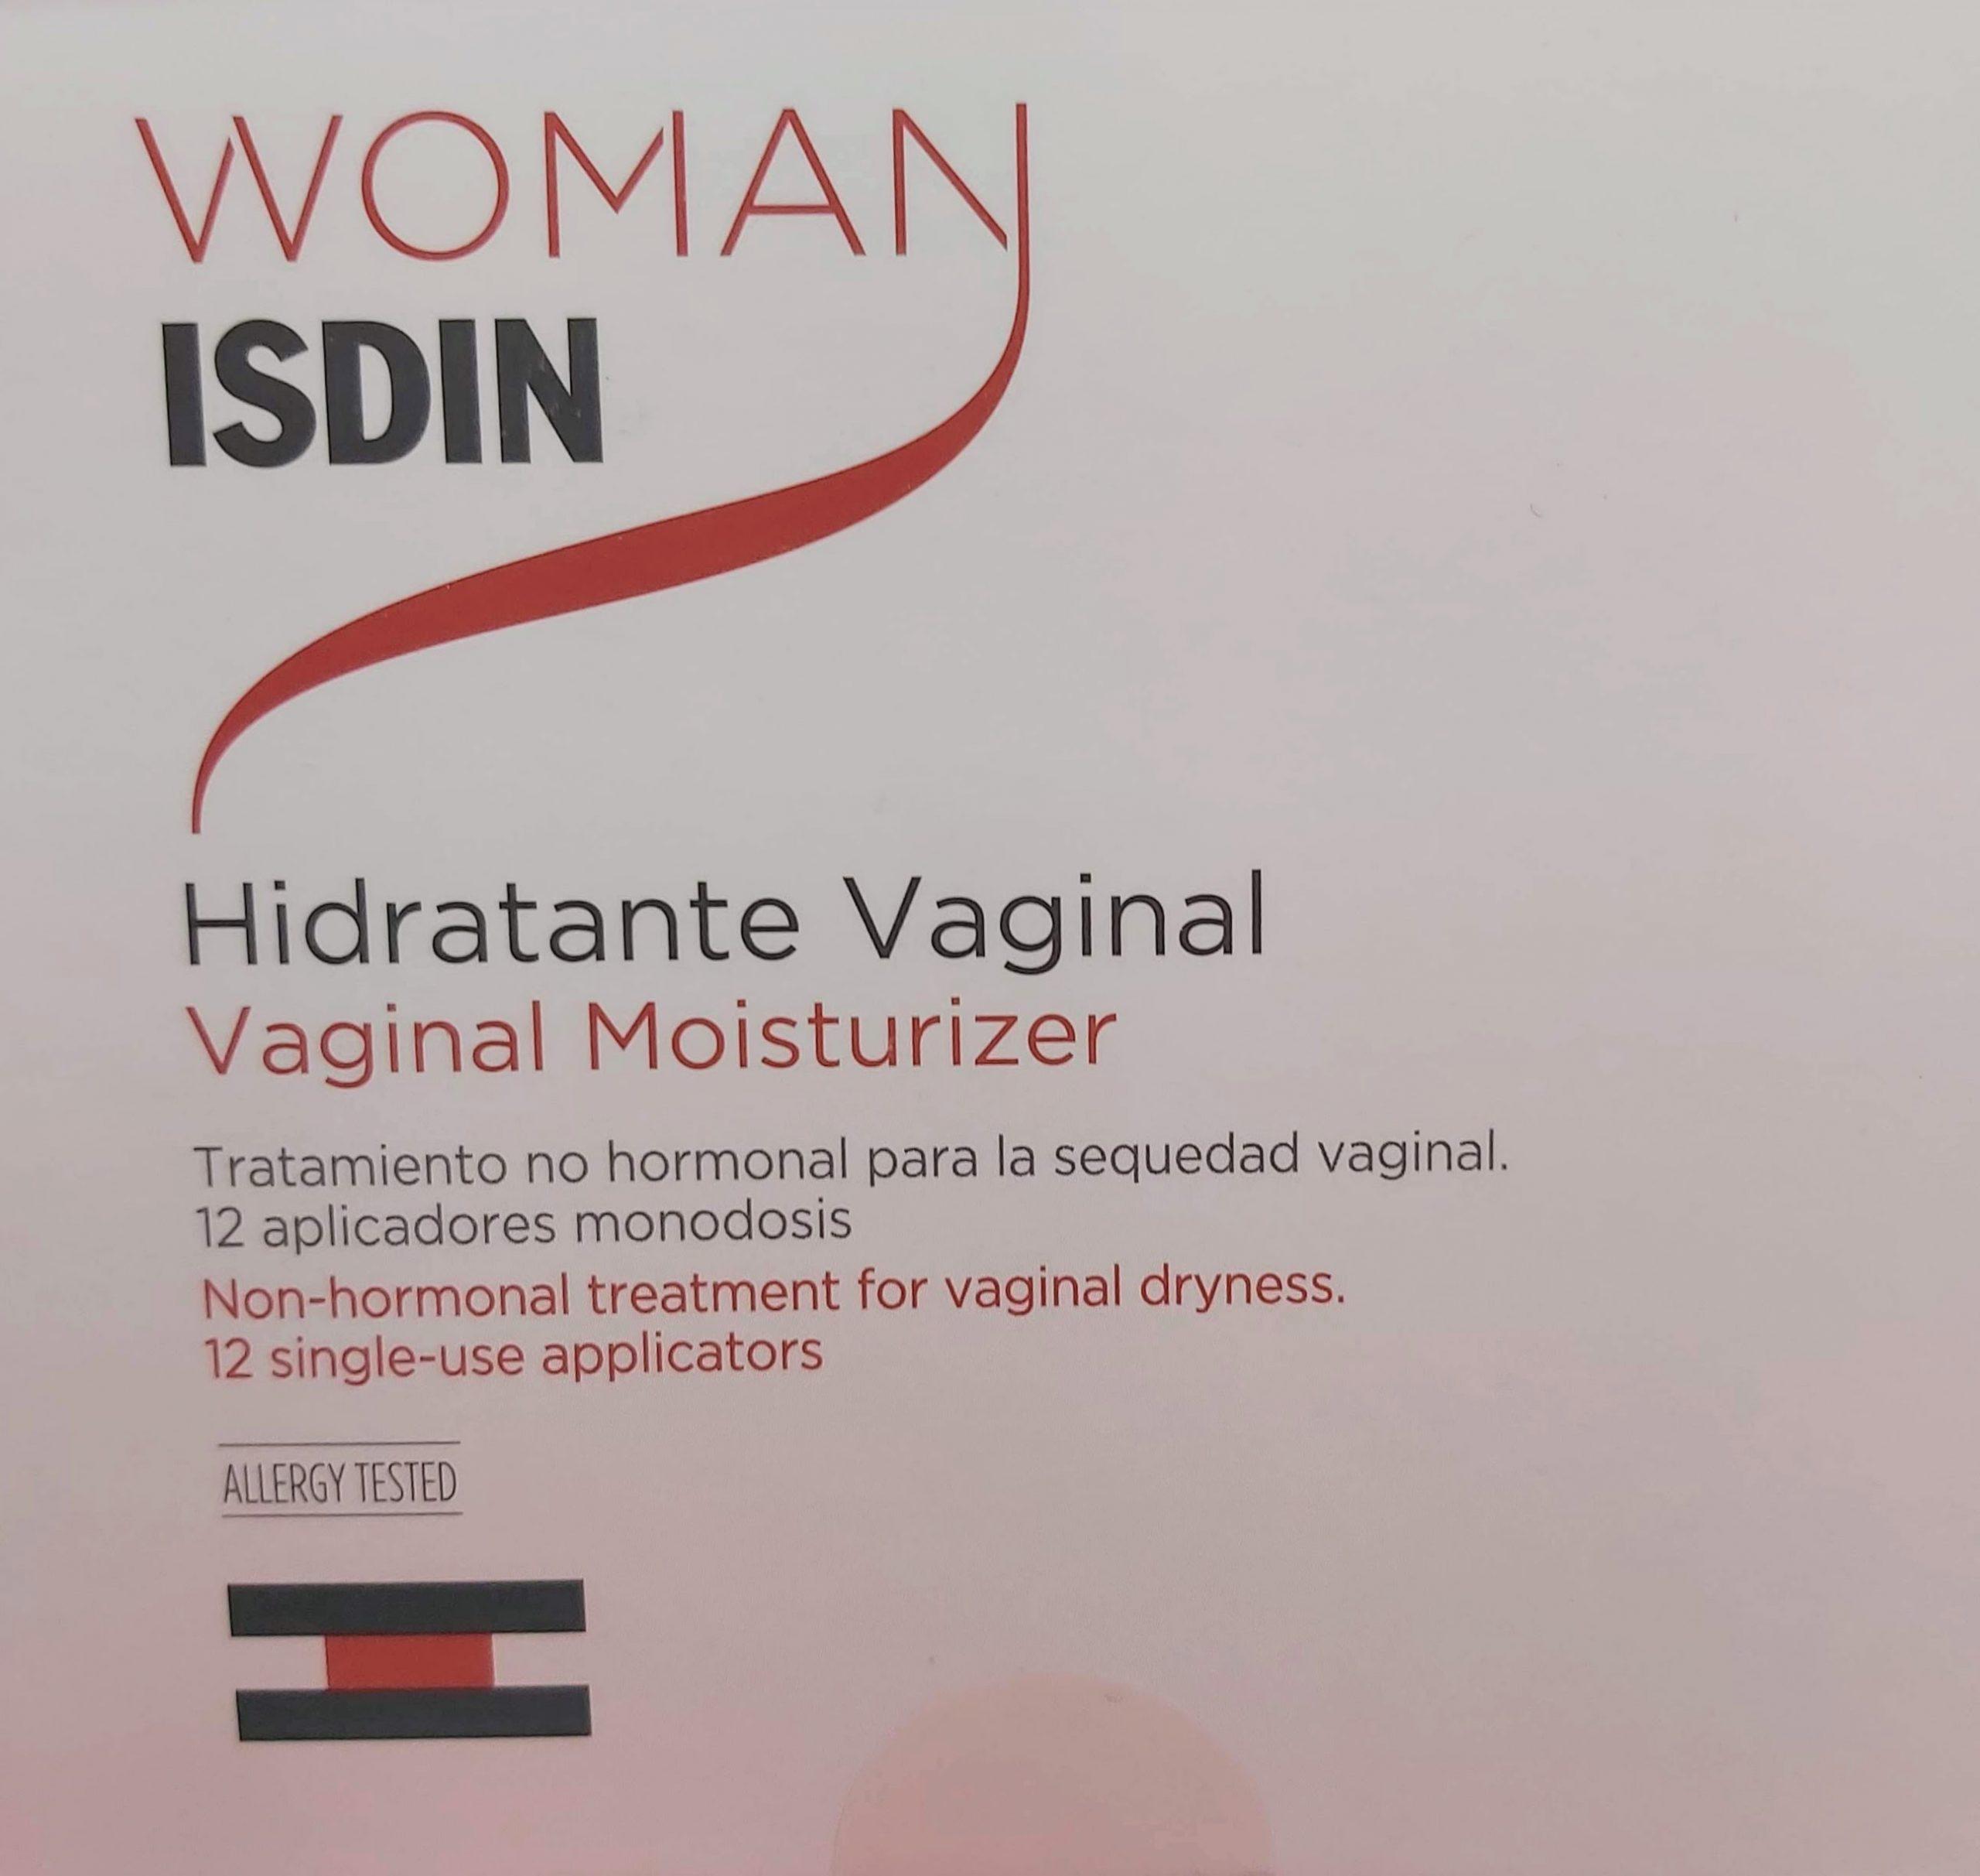 Comprar ISDIN Woman Hidratante Vaginal Reduce el prurito vulvar y la sensación de ardor en la zona, así como los síntomas de sequedad y atrofia vaginales, falta de lubricación y dolor durante las relaciones.